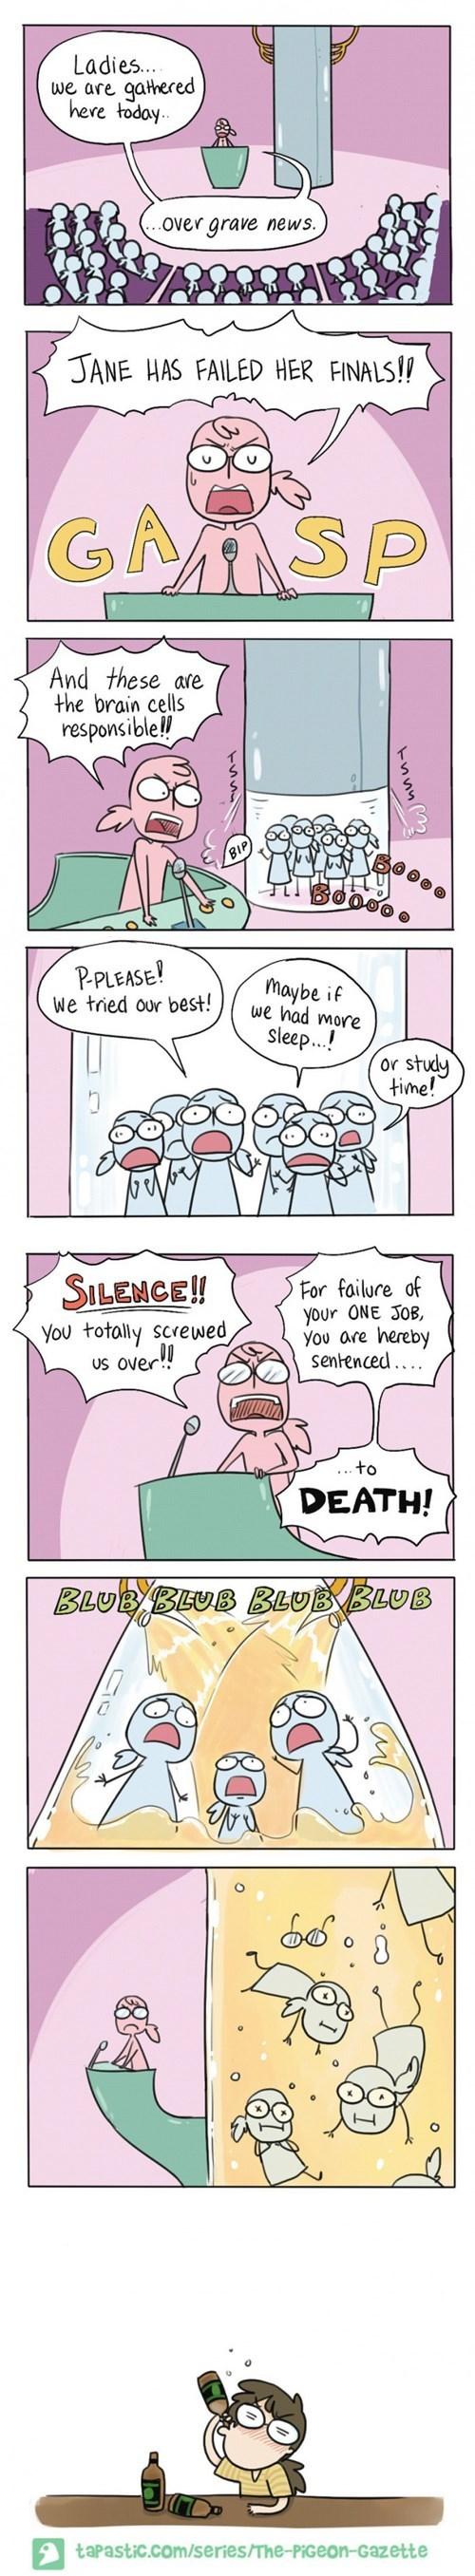 funny-web-comics-what-happens-all-too-often-after-finals